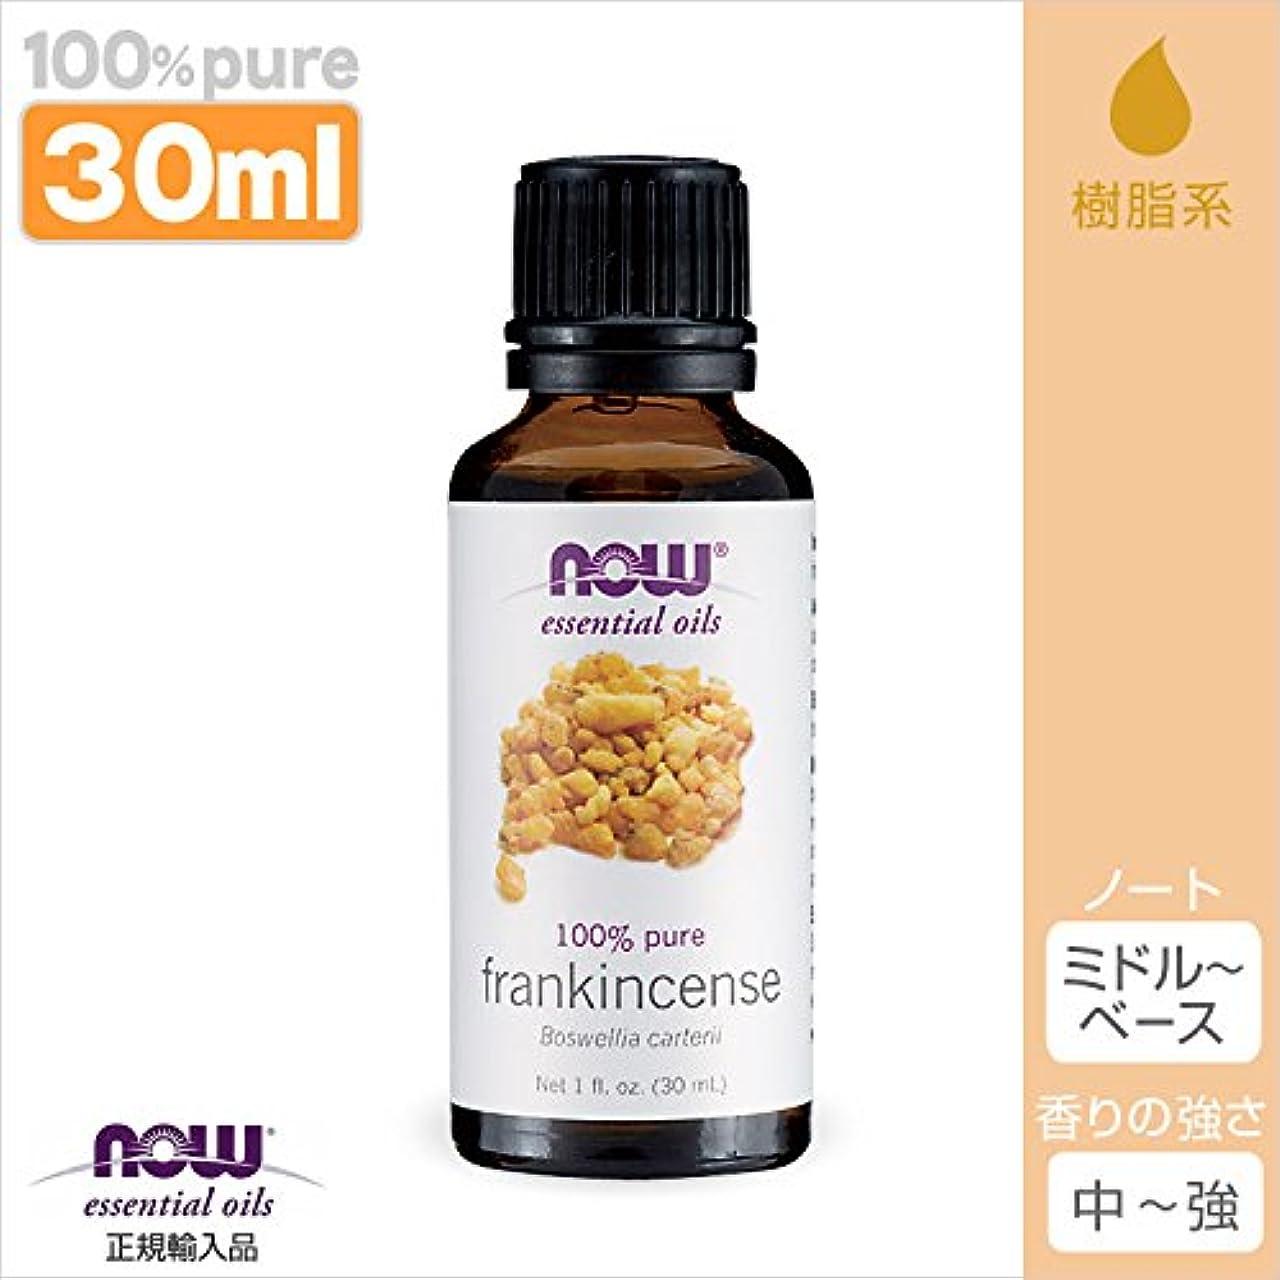 差別する腐食する襟フランキンセンス 精油[30ml]  【正規輸入品】 NOWエッセンシャルオイル(アロマオイル)